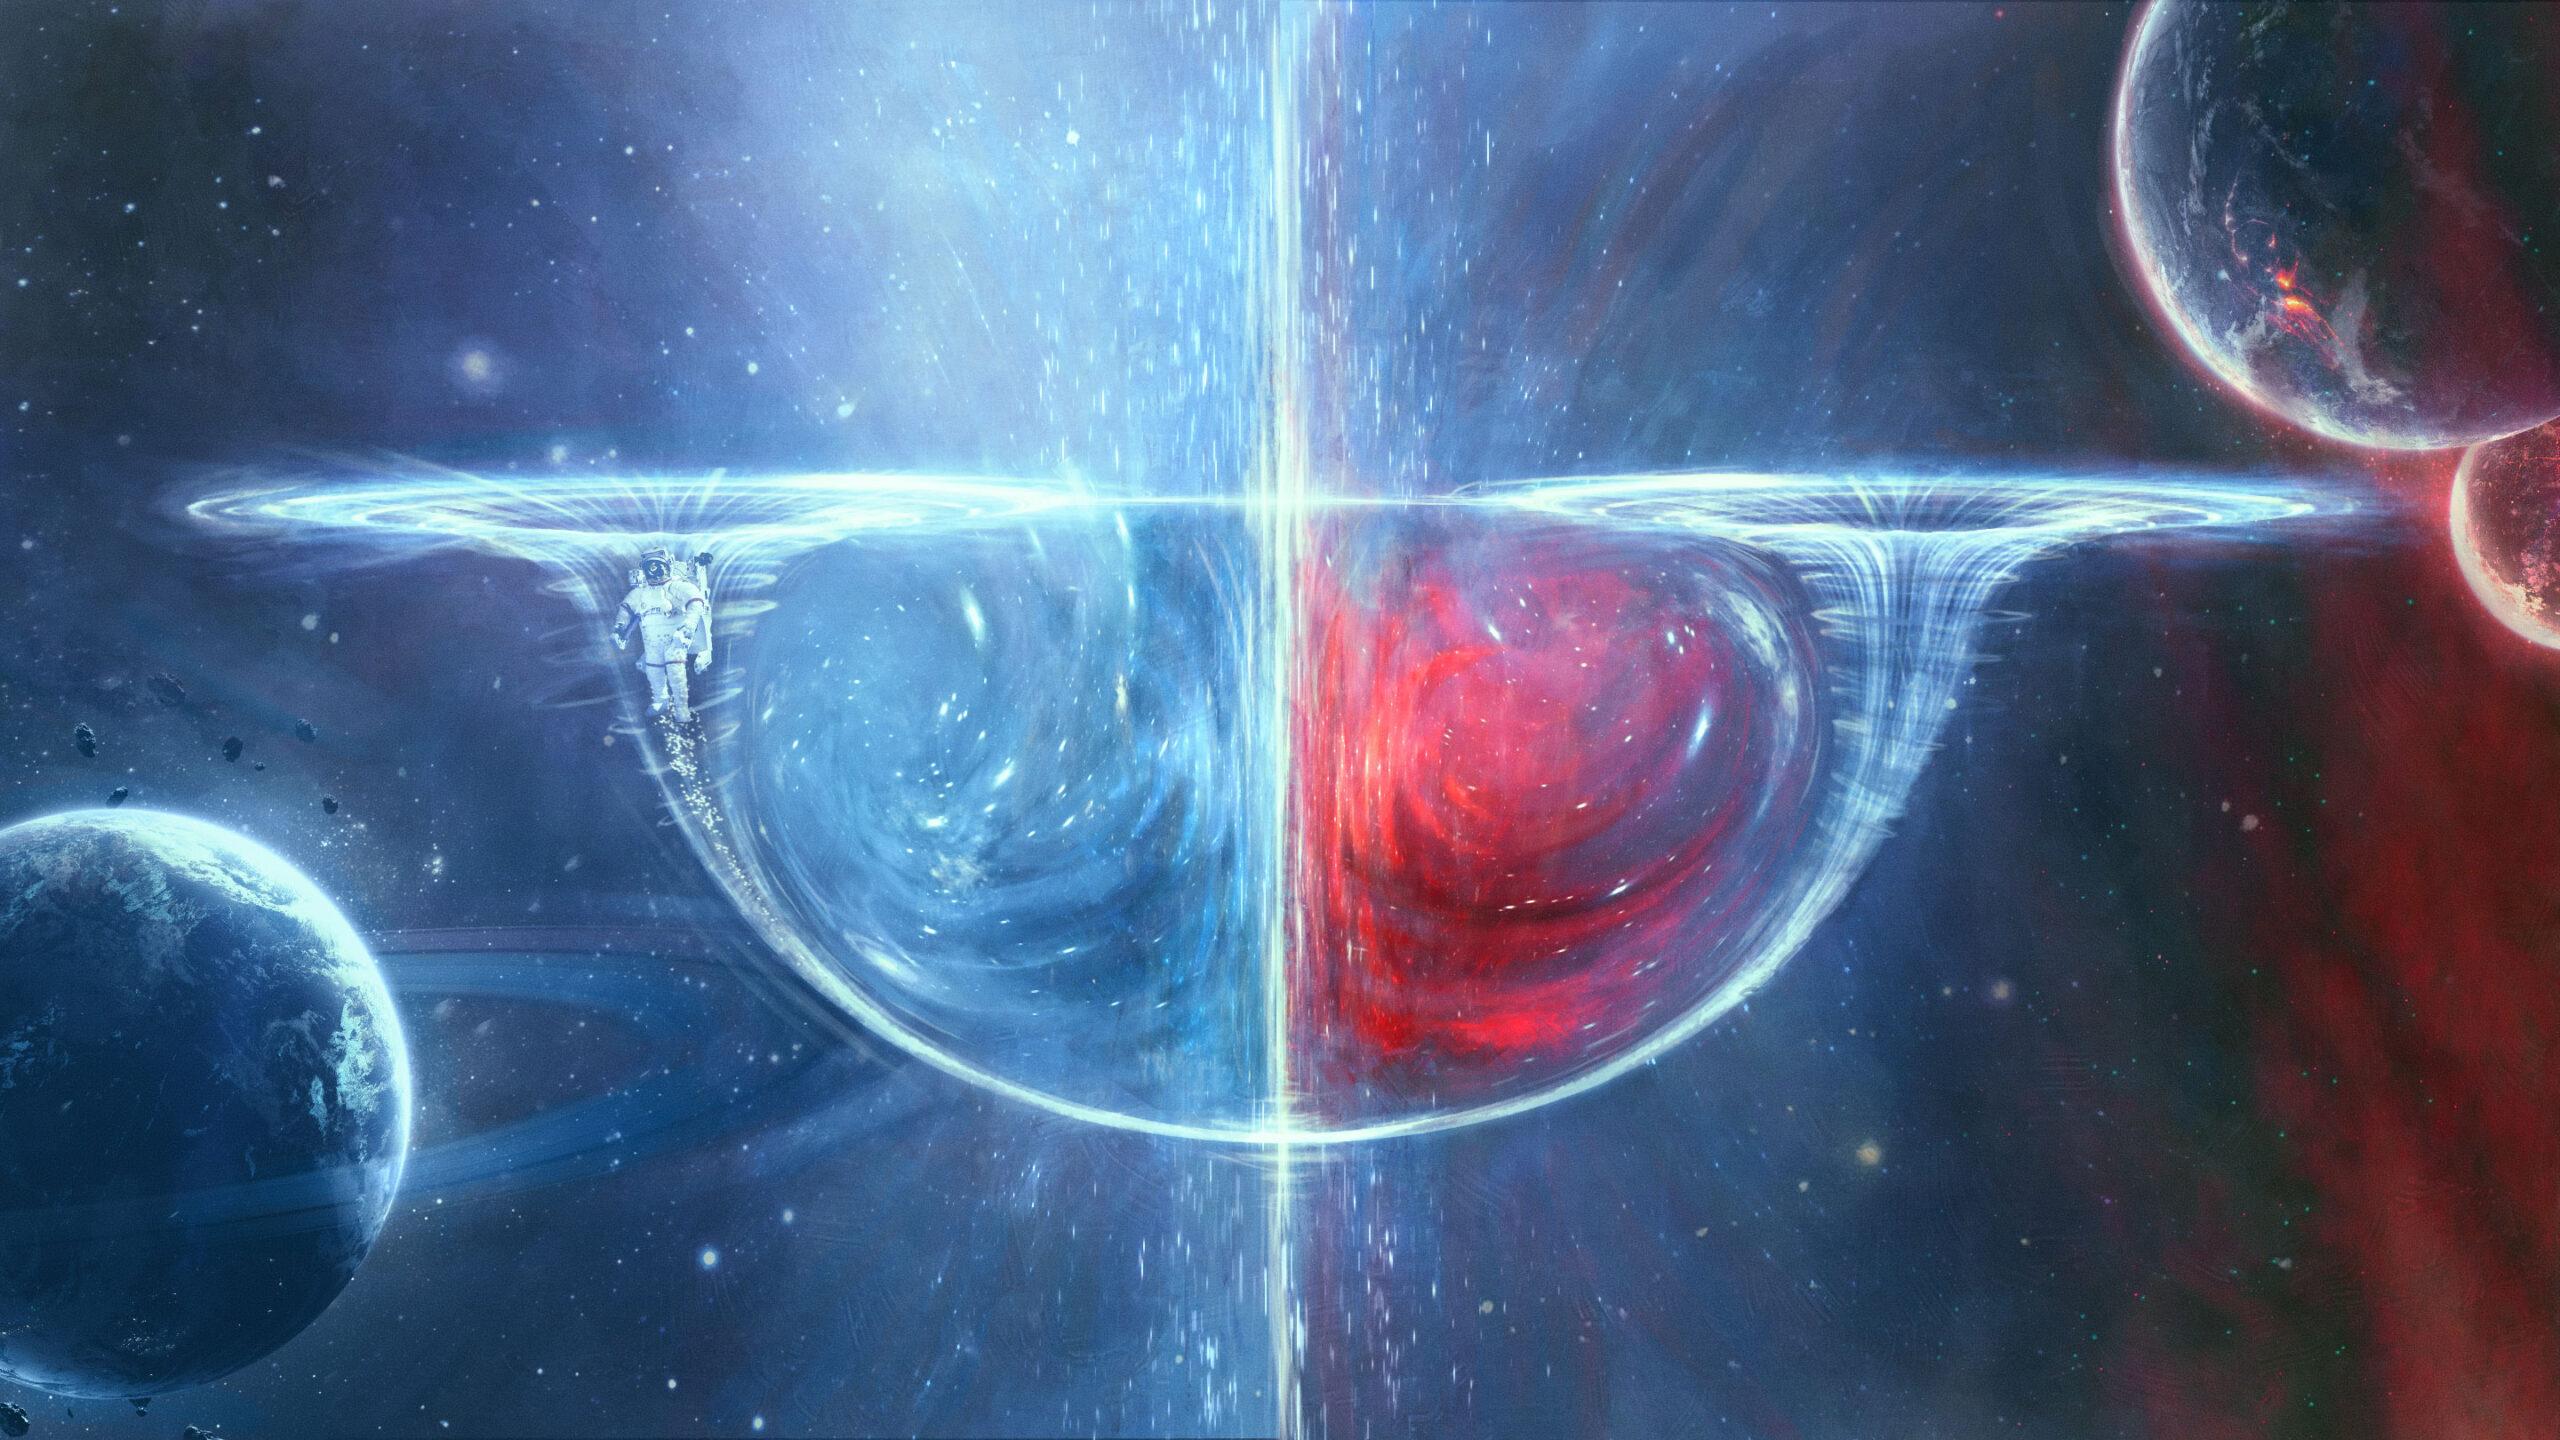 کرمچالههای کیهانی ممکن است واقعا وجود داشته باشند